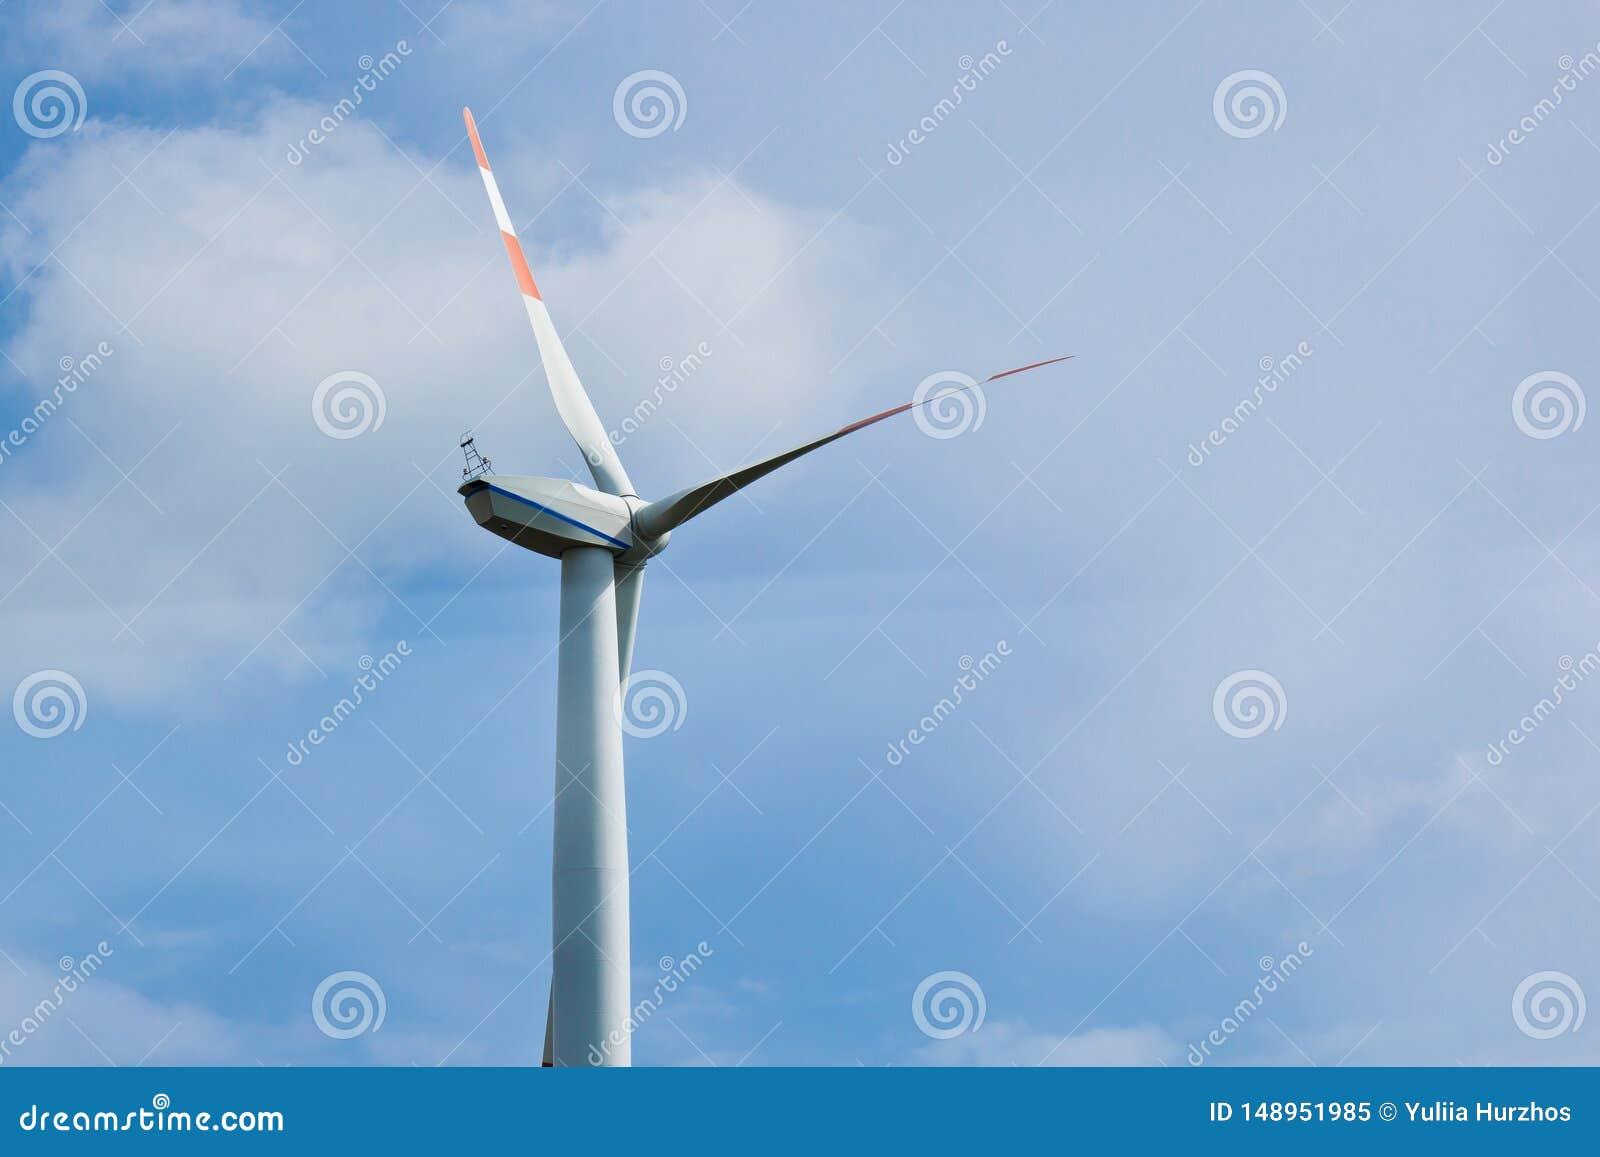 Planta de energias e?licas no fundo do c?u nebuloso brilhante close-up do gerador de vento eletricidade verde, energia alternativ